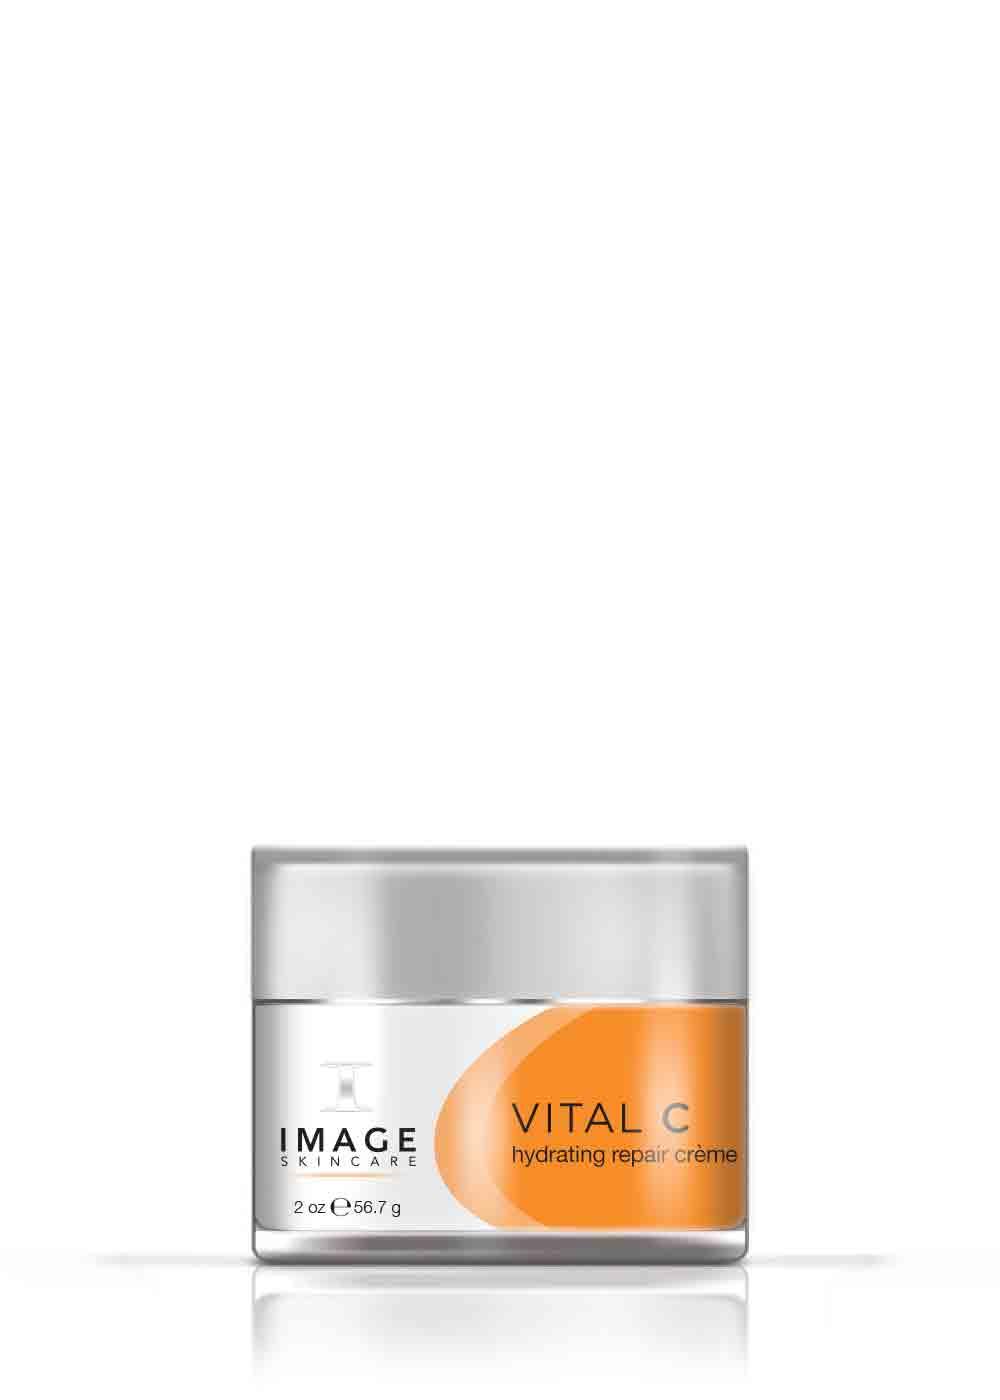 Image-Vital-C-Hydrating-Repair-Creme.jpg